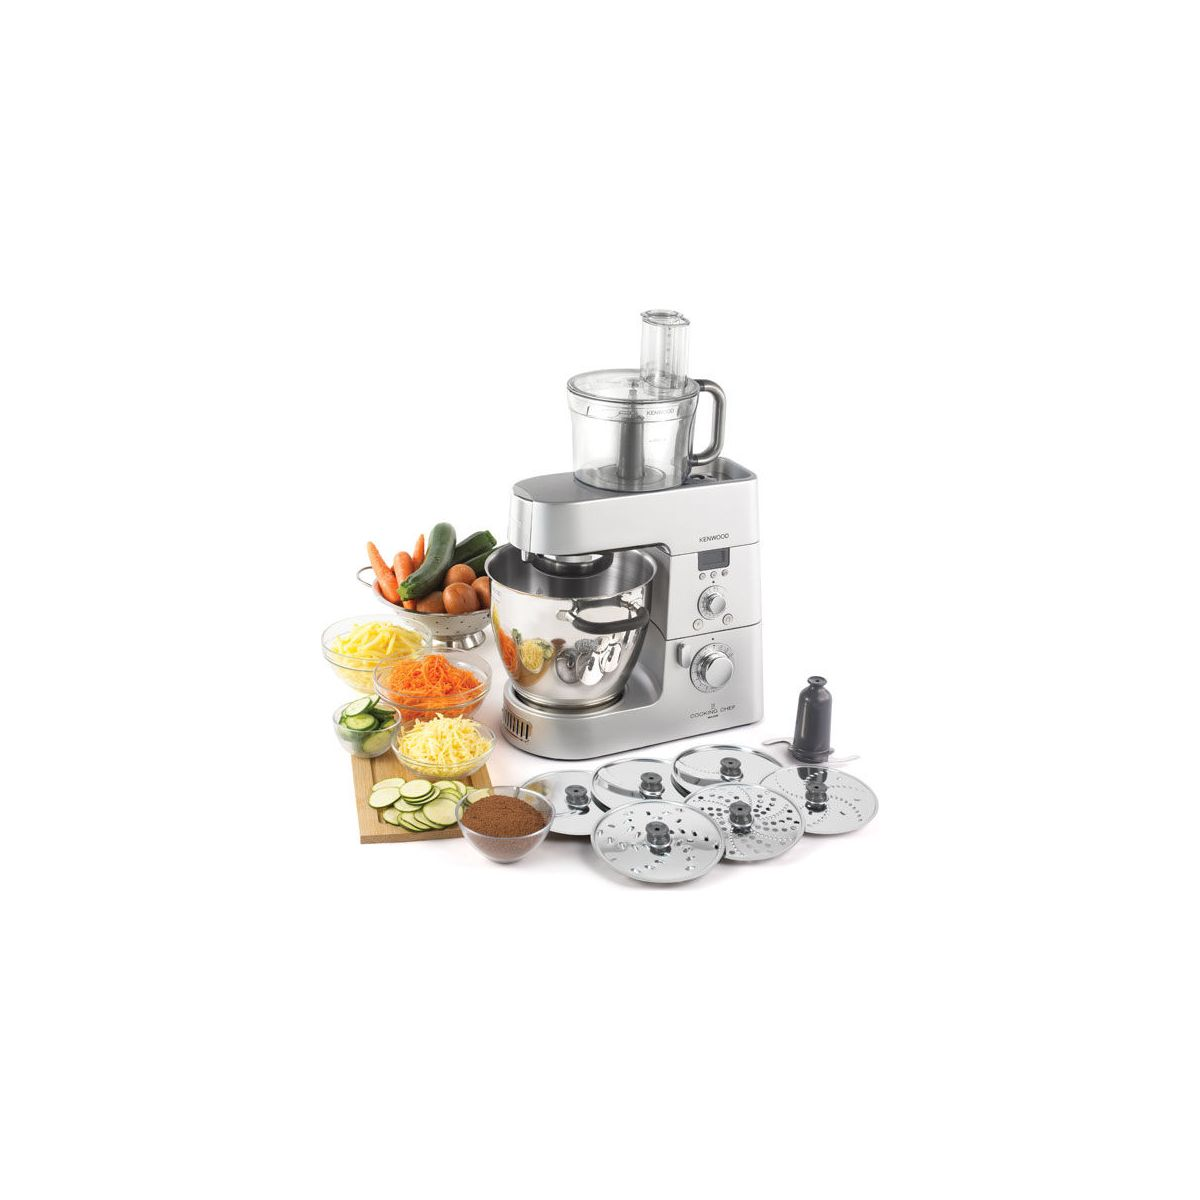 kenwood km099 robot cooking chef premium comparer avec. Black Bedroom Furniture Sets. Home Design Ideas